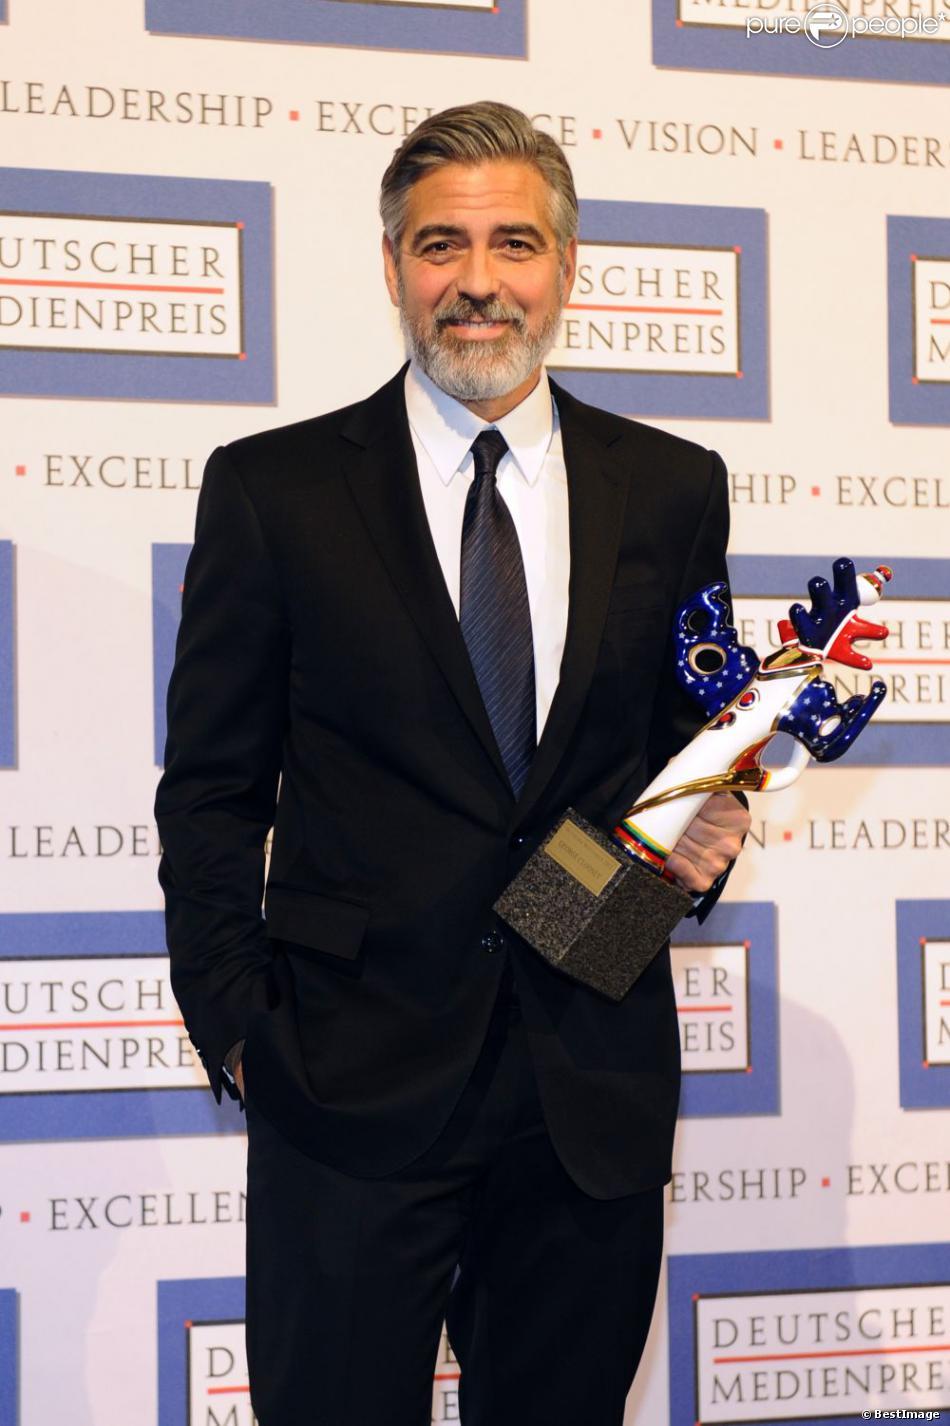 George Clooney recevant un prix d'honneur lors du German Media Prize 2012 à Baden-Baden le 26 février 2013